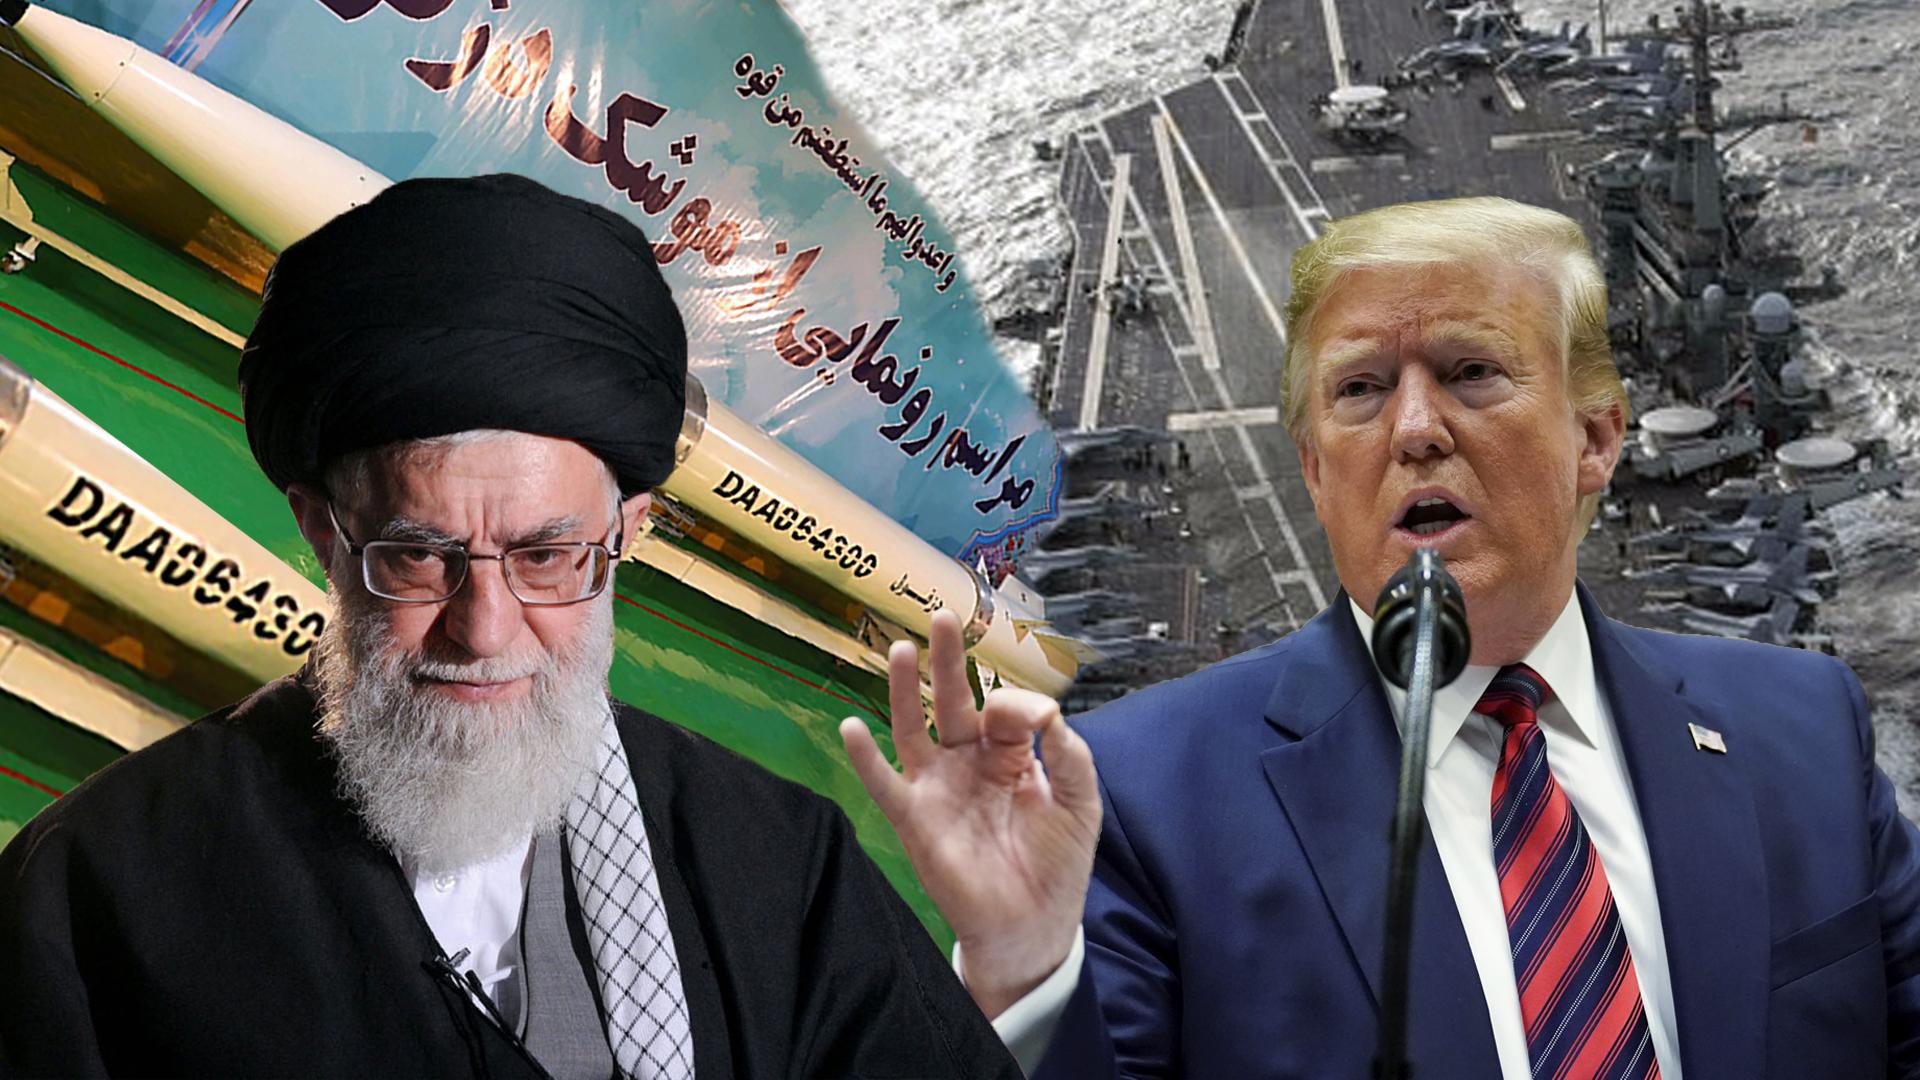 Aumentan las tensiones entre Estados Unidos e Irán